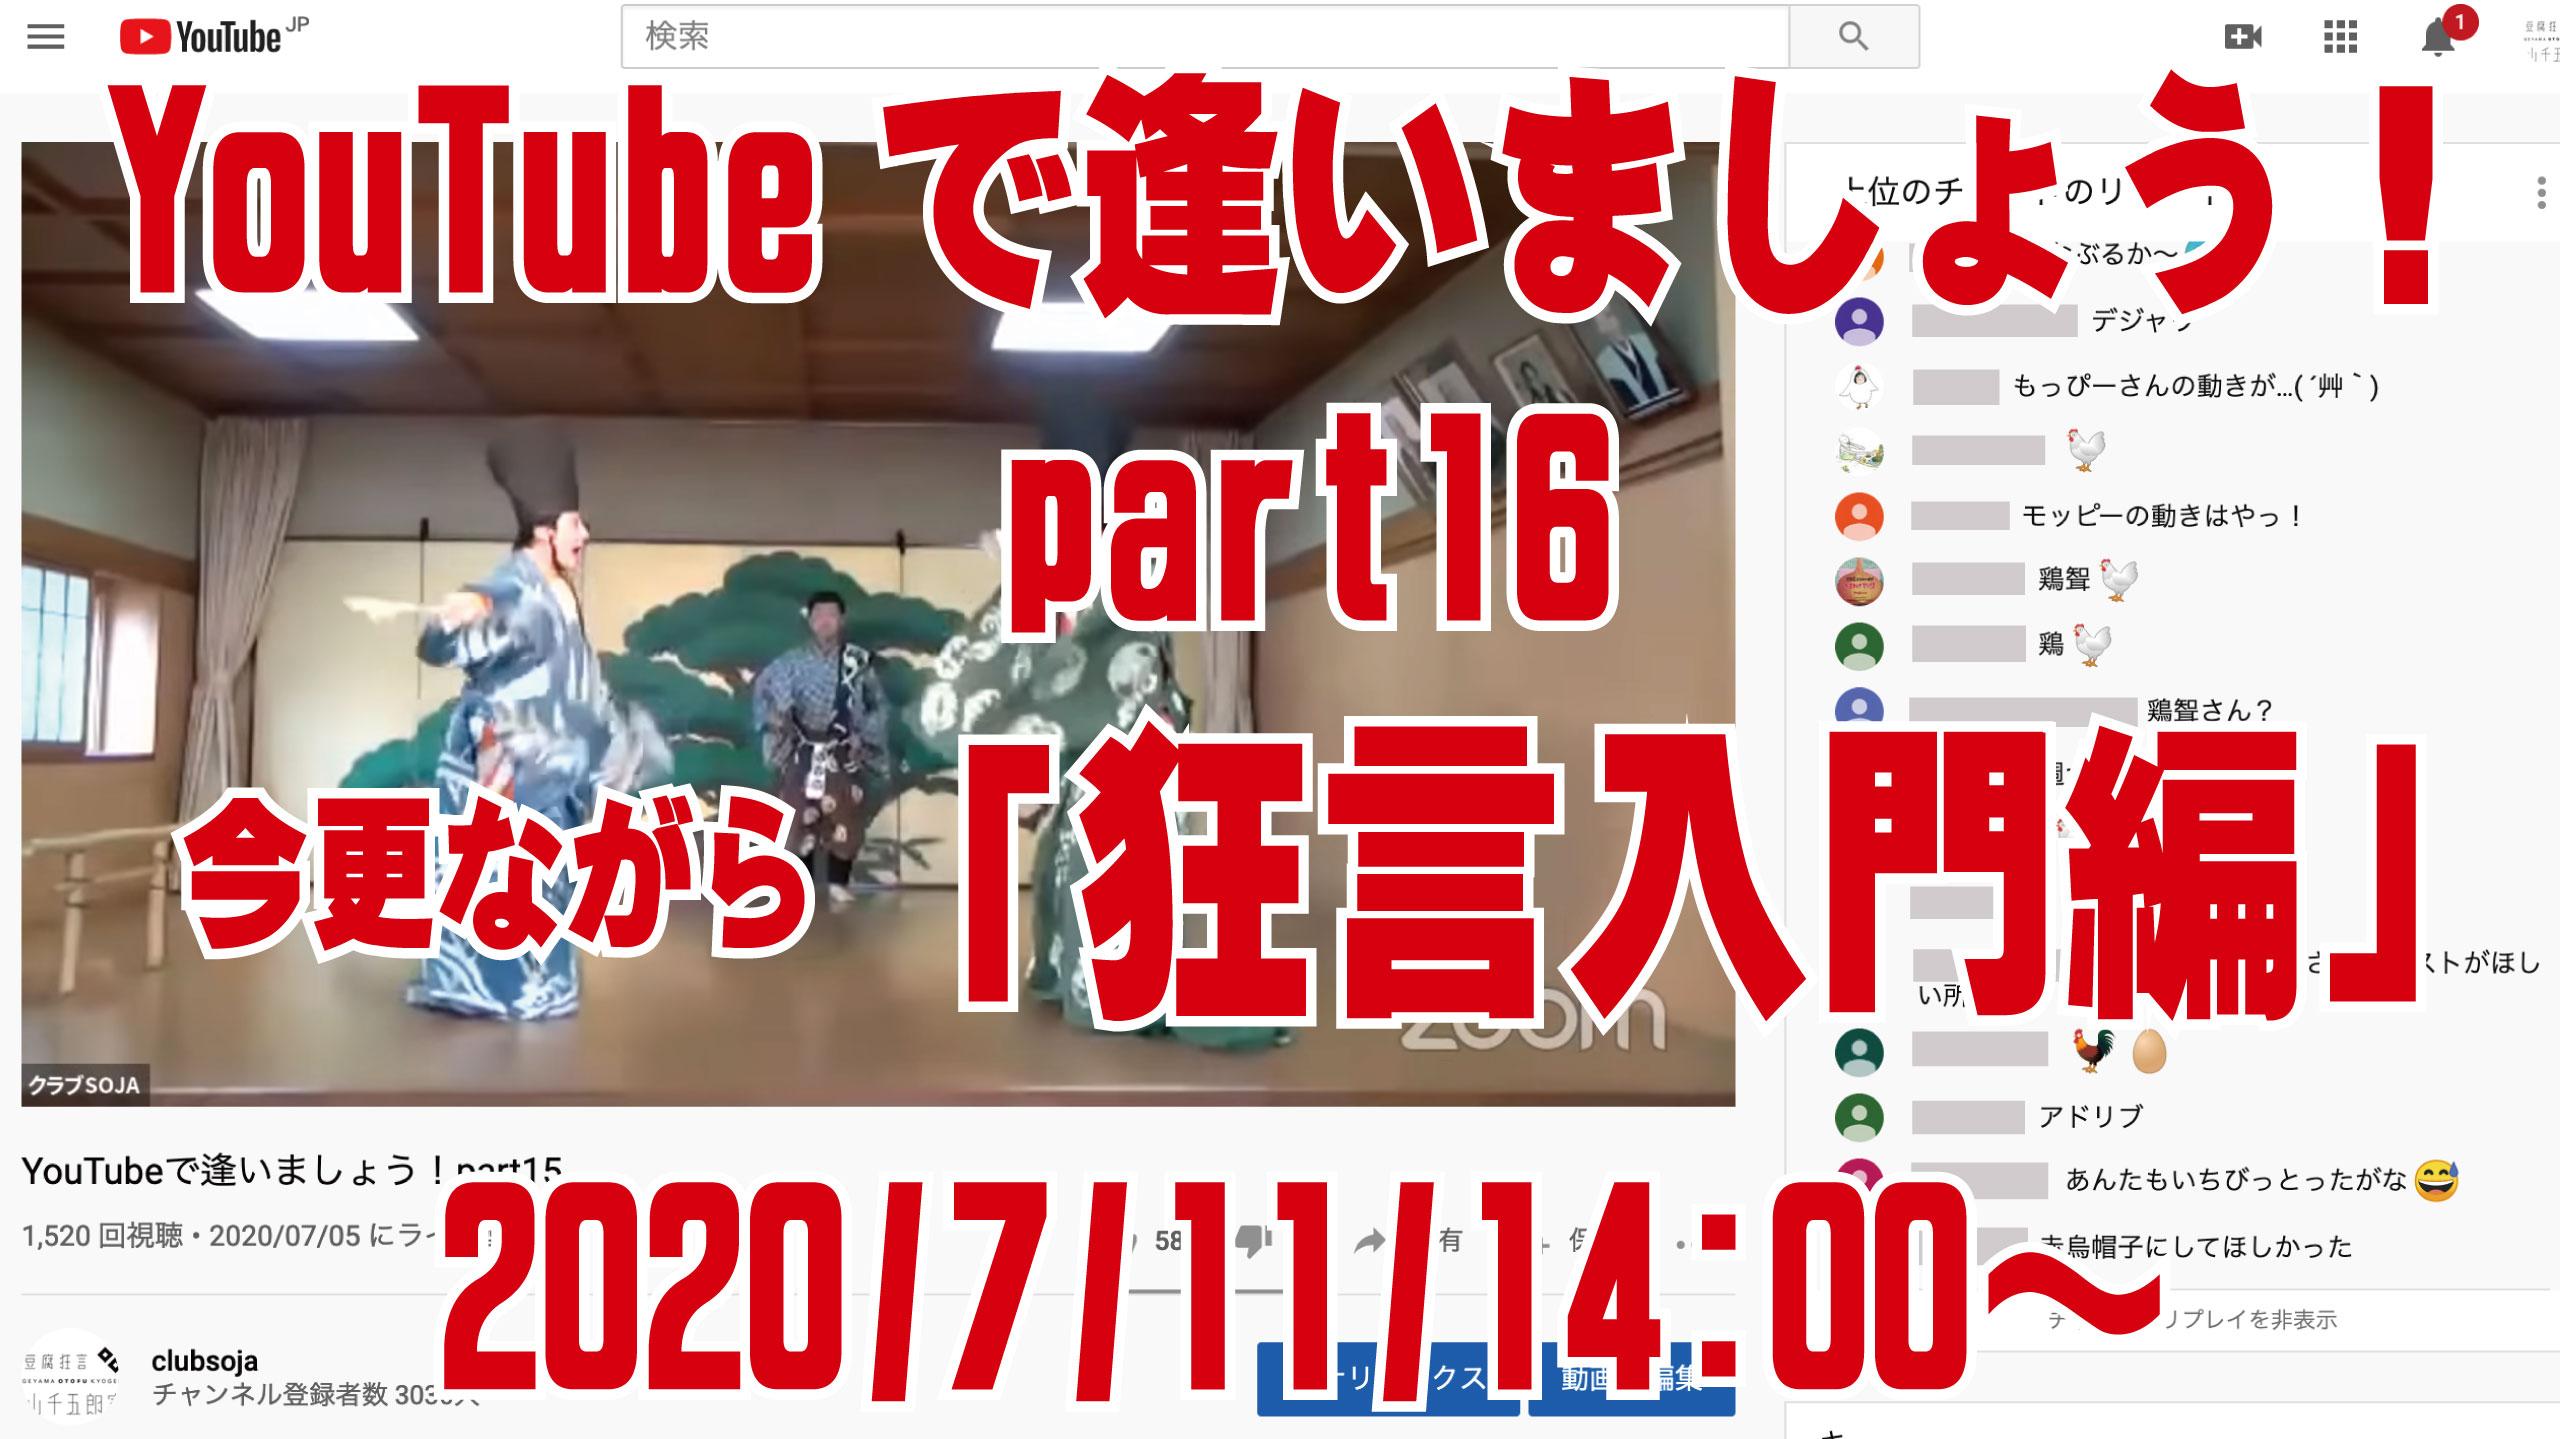 YouTubeで逢いましょう!part16 ~今更ながら「狂言入門編」〜